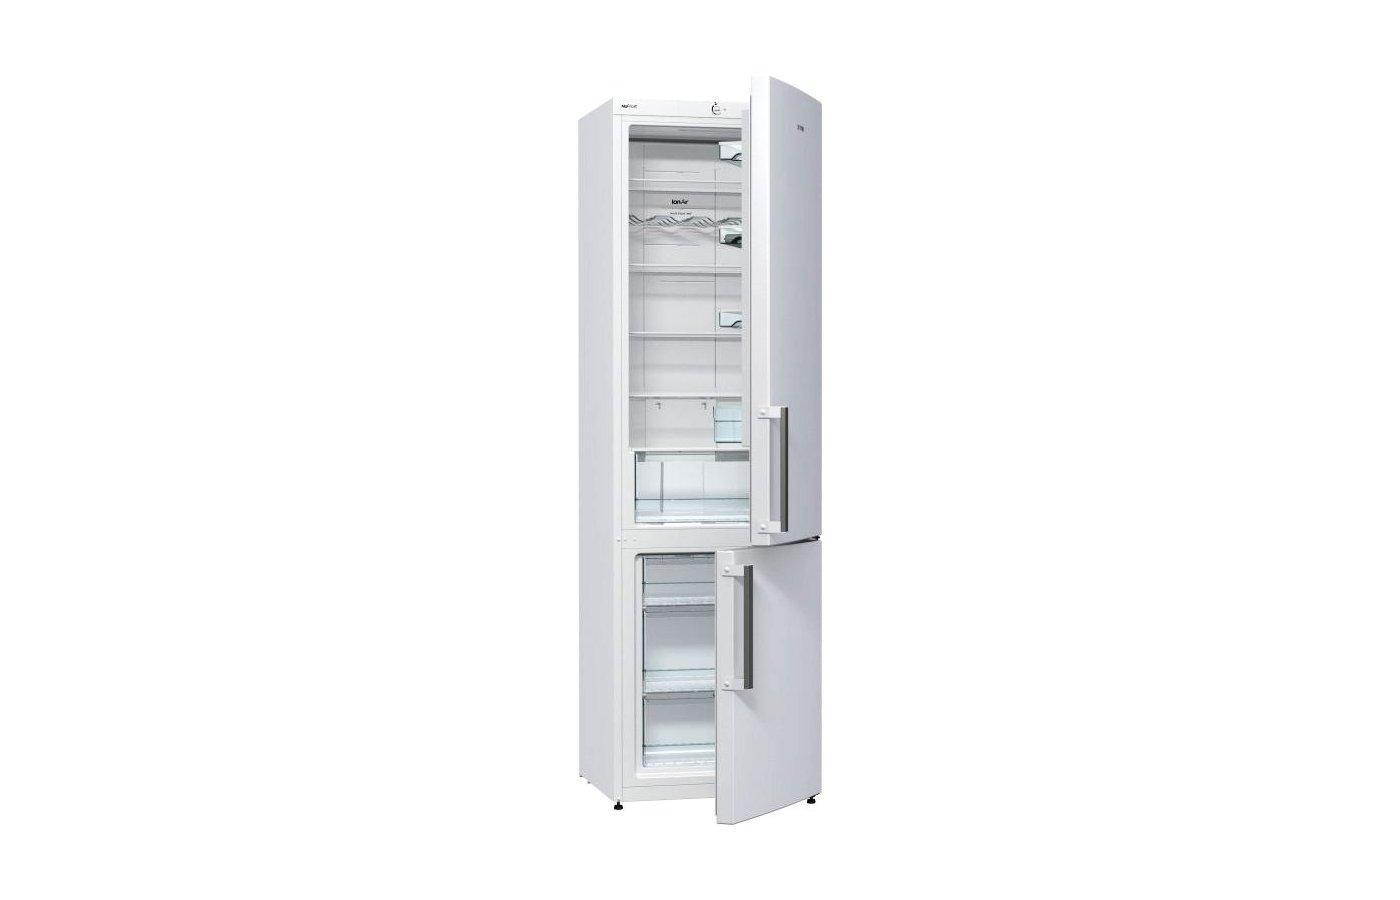 Холодильник GORENJE NRK-6201 CW